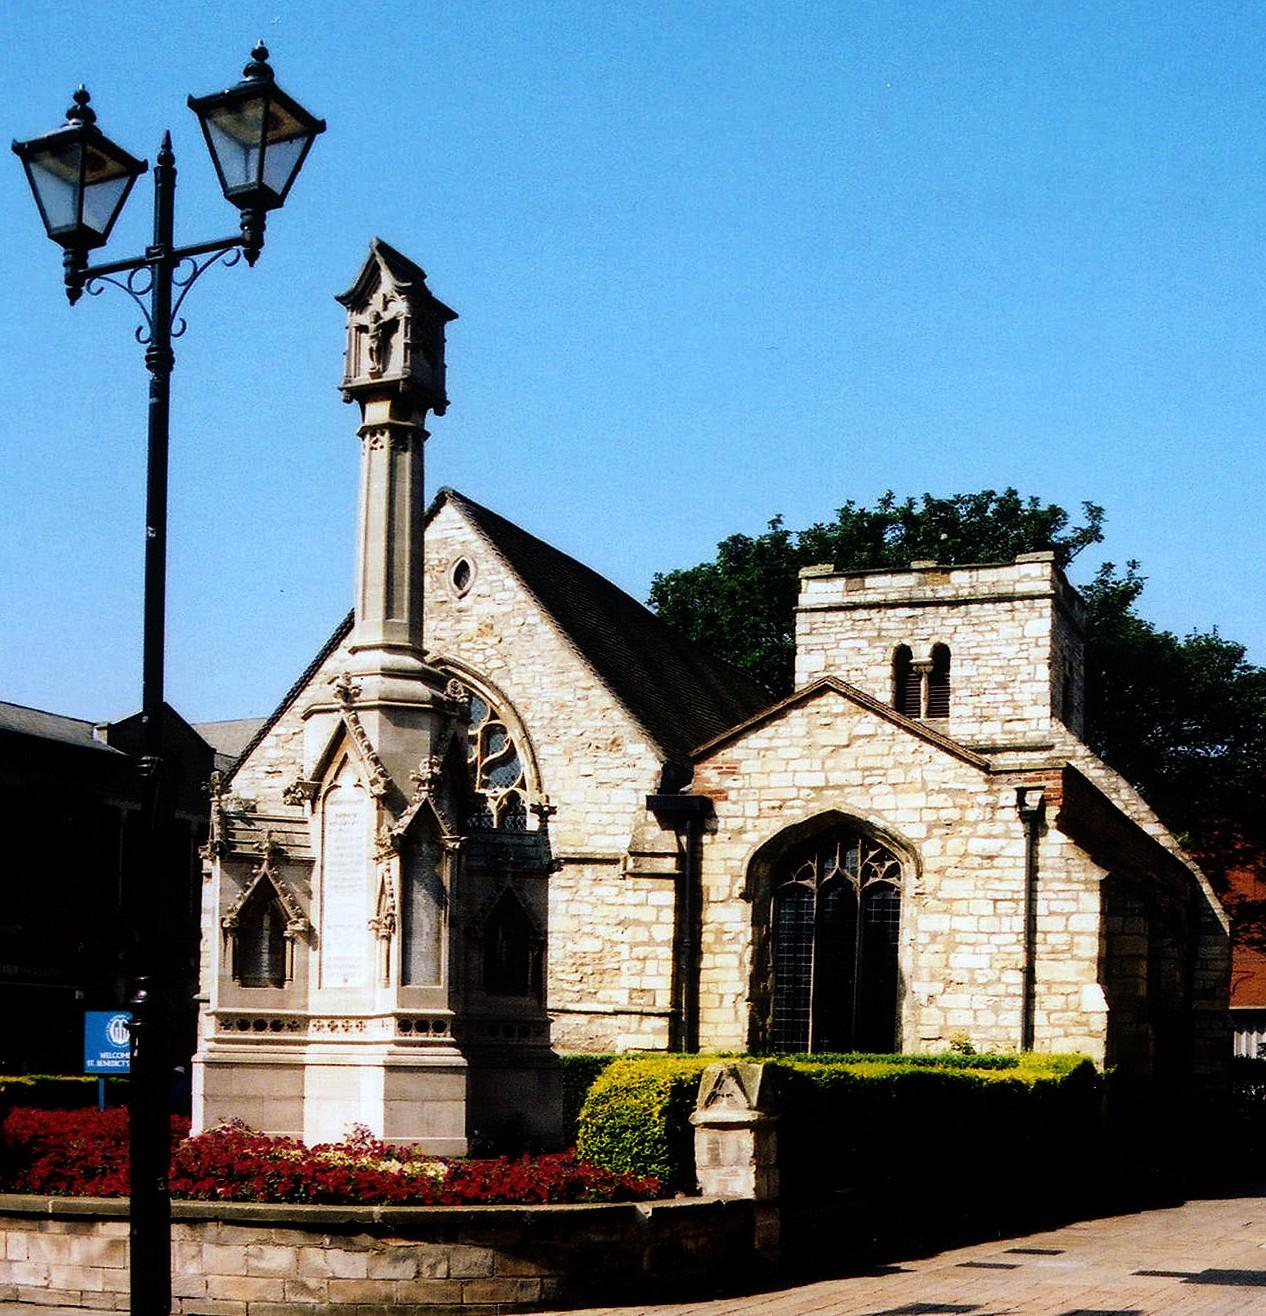 St. Benedict's Church